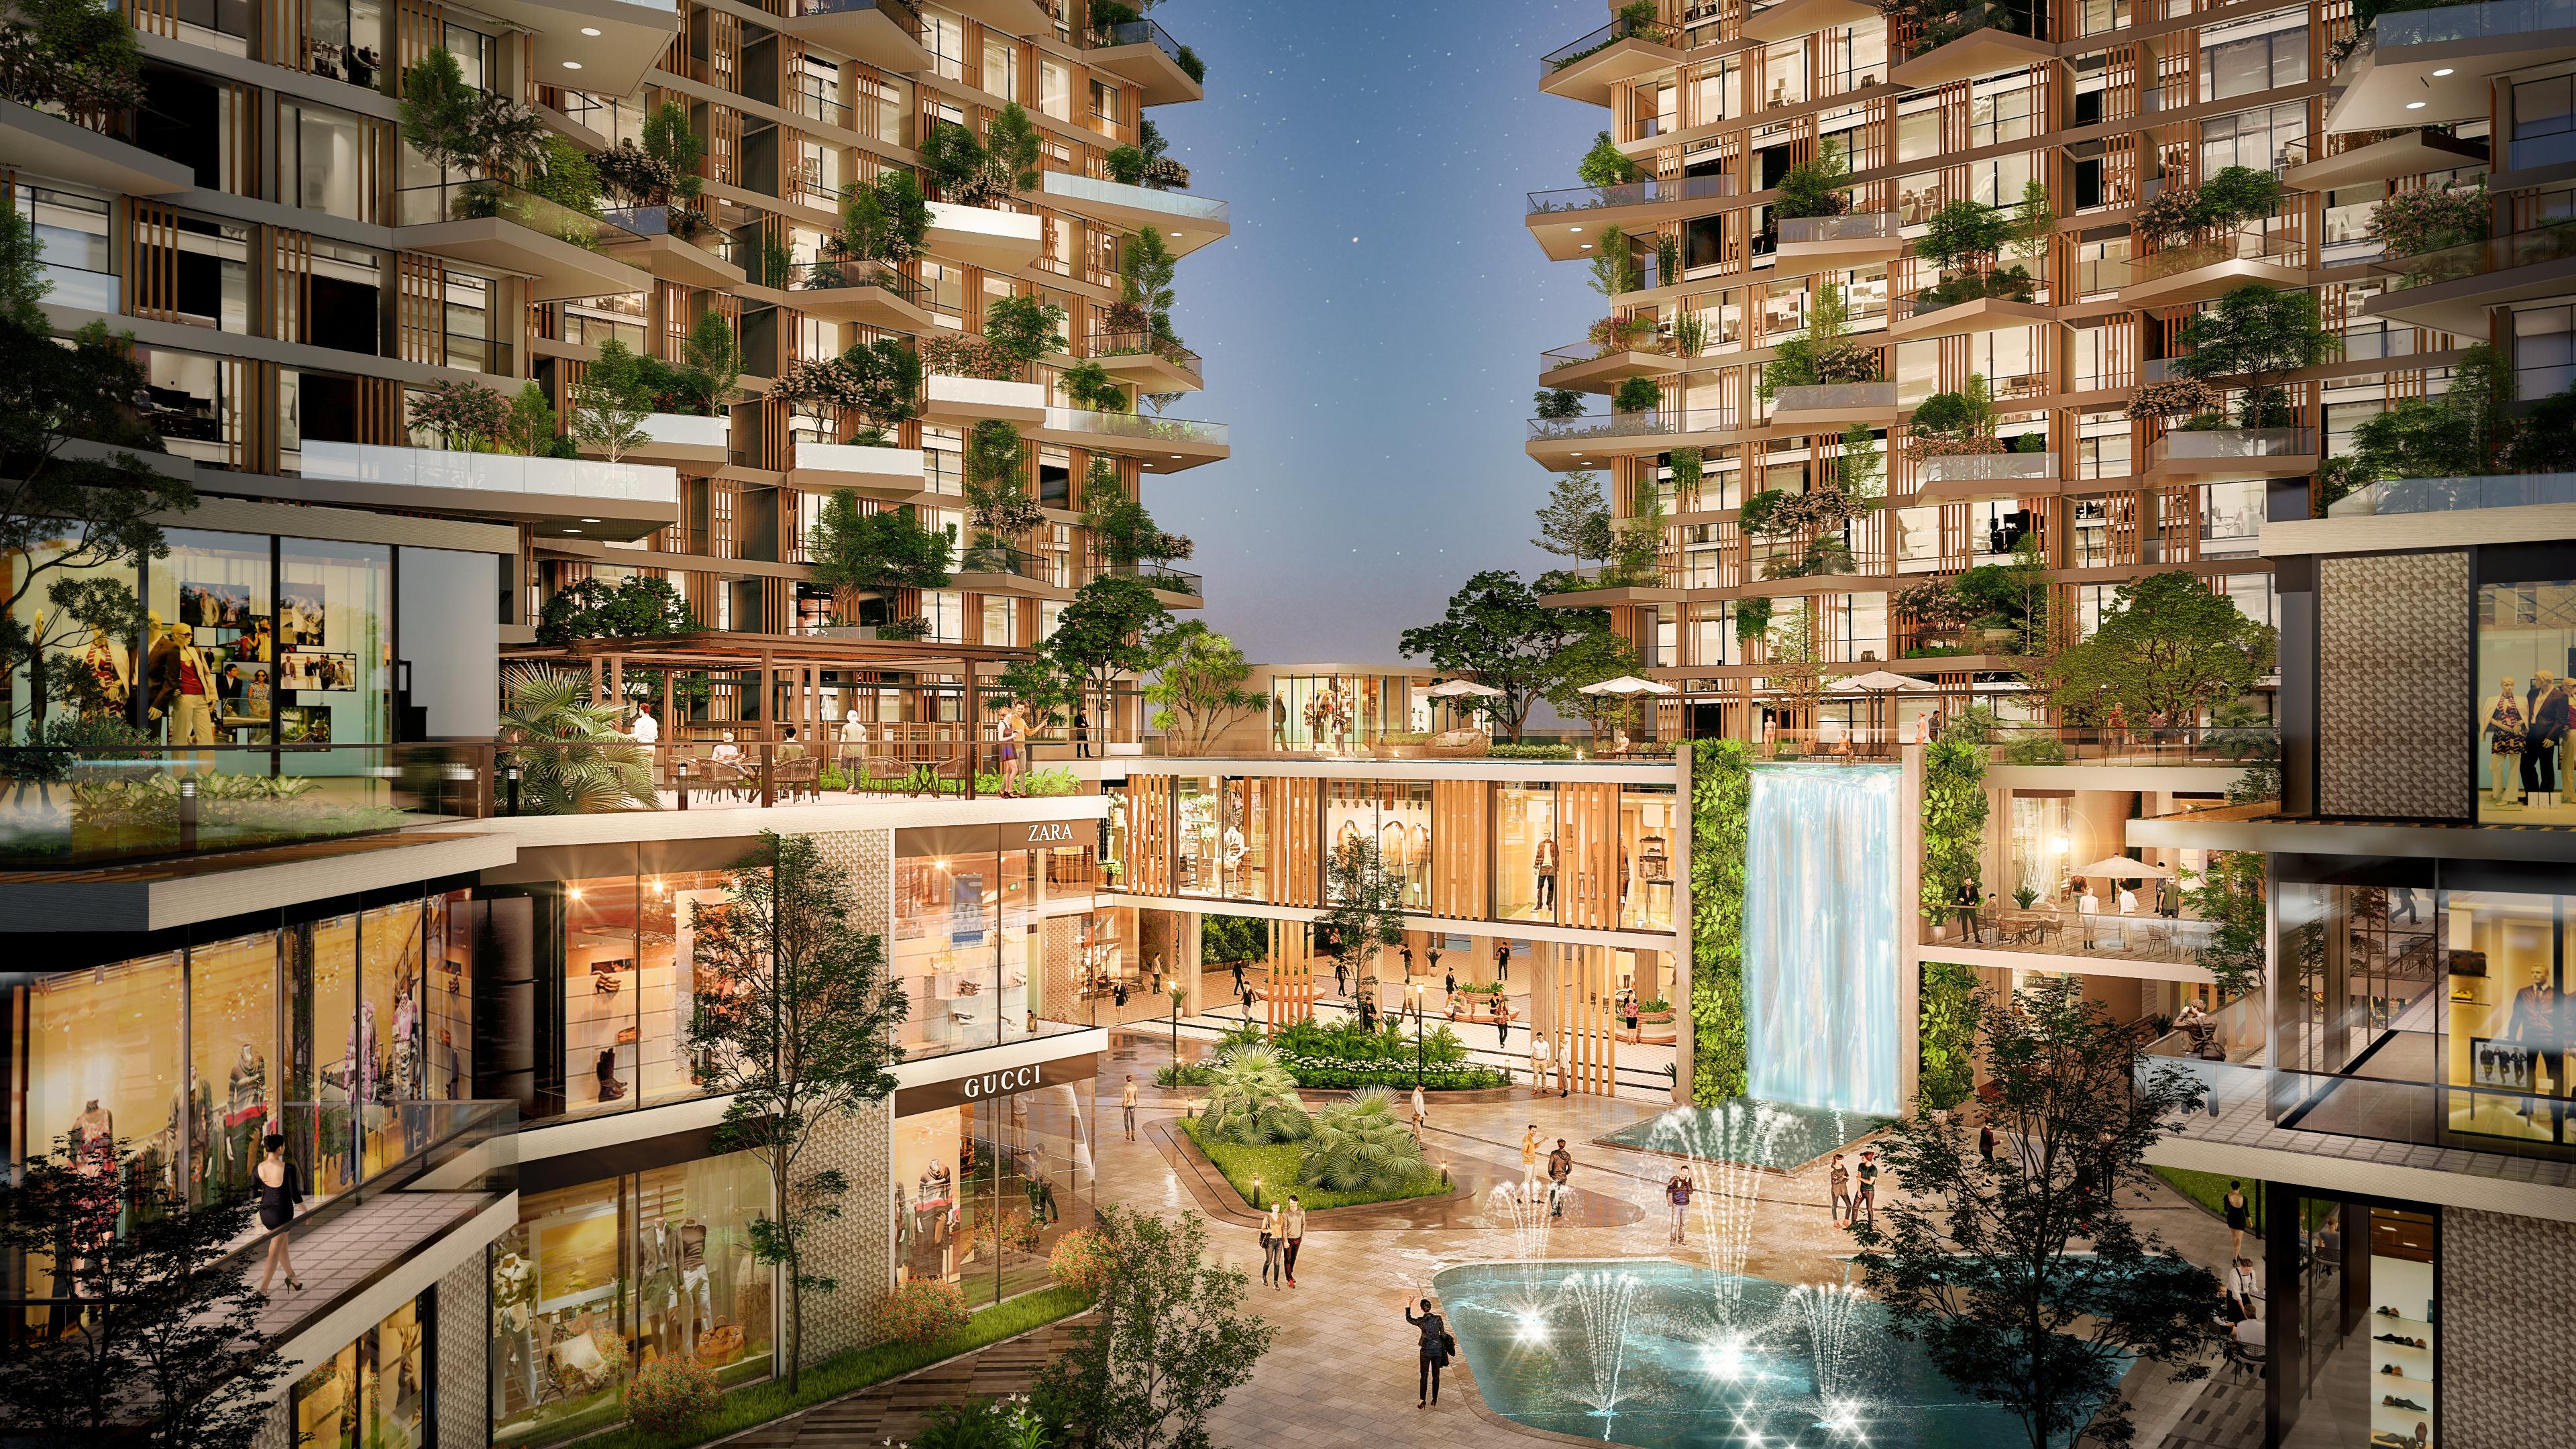 Quảng trường Resort trung tâm với phố đi bộ, công viên & hồ nước cùng các dãy phố TTTM sầm uất